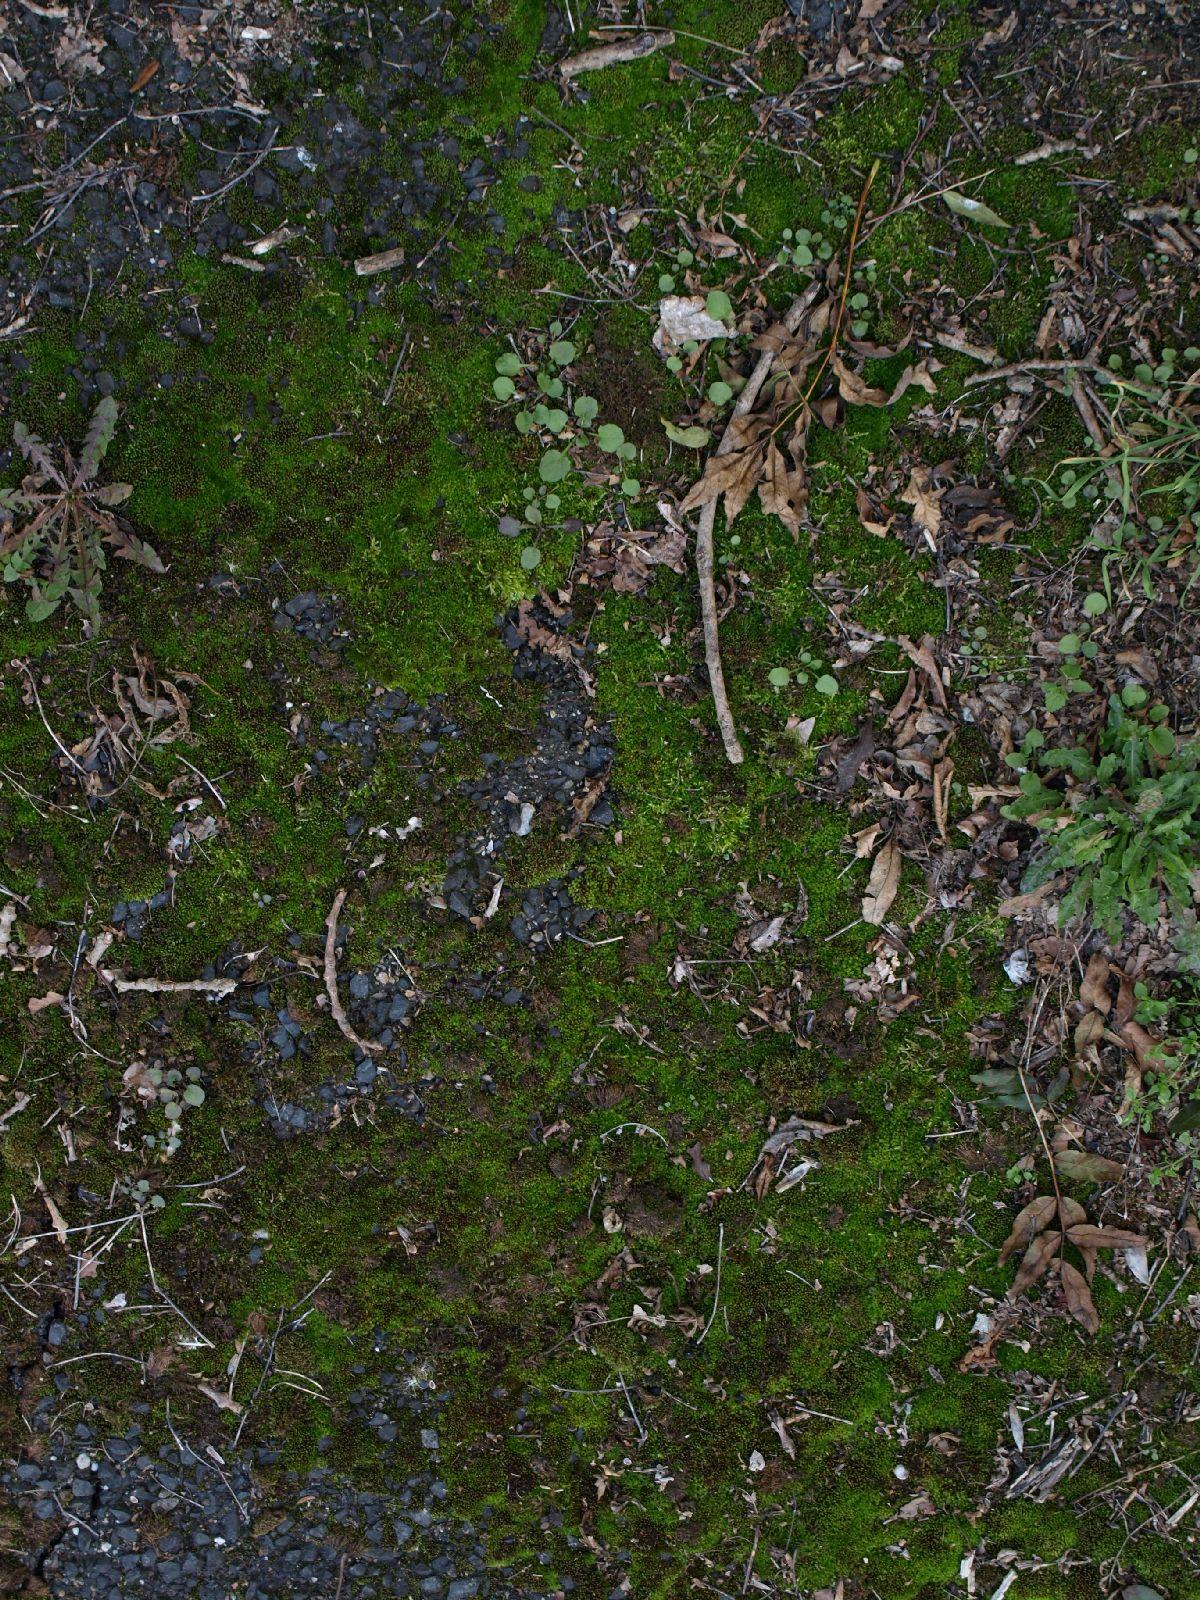 Boden-Gras-Moos-Blumen_Textur_A_P9285596